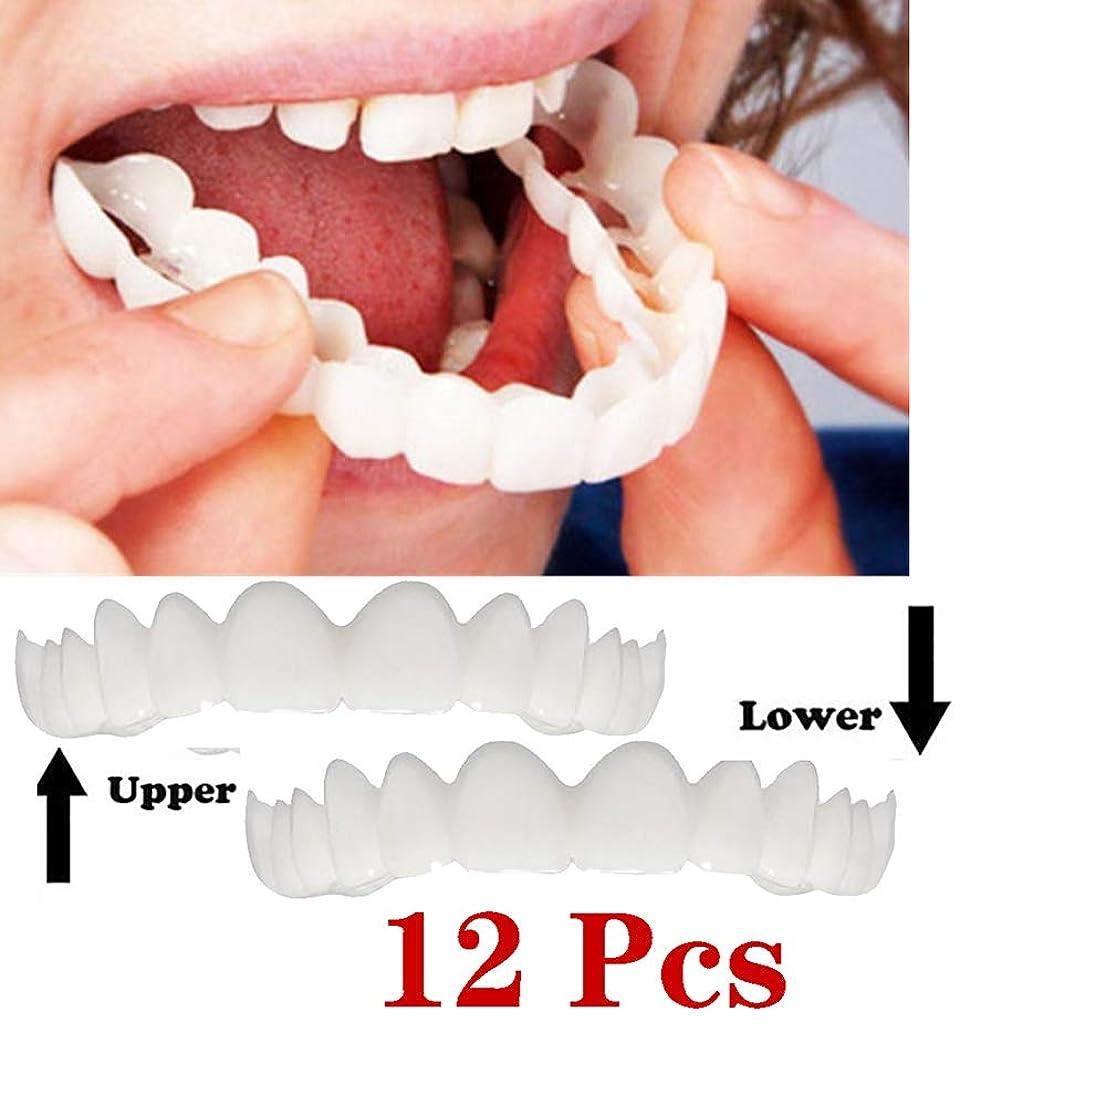 寄り添う外交じゃないインスタント快適なフレックスパーフェクトベニヤワンサイズフィットの歯のスナップキャップを白くする12個の上下の歯の化粧品のベニヤ、最も快適な義歯のケア